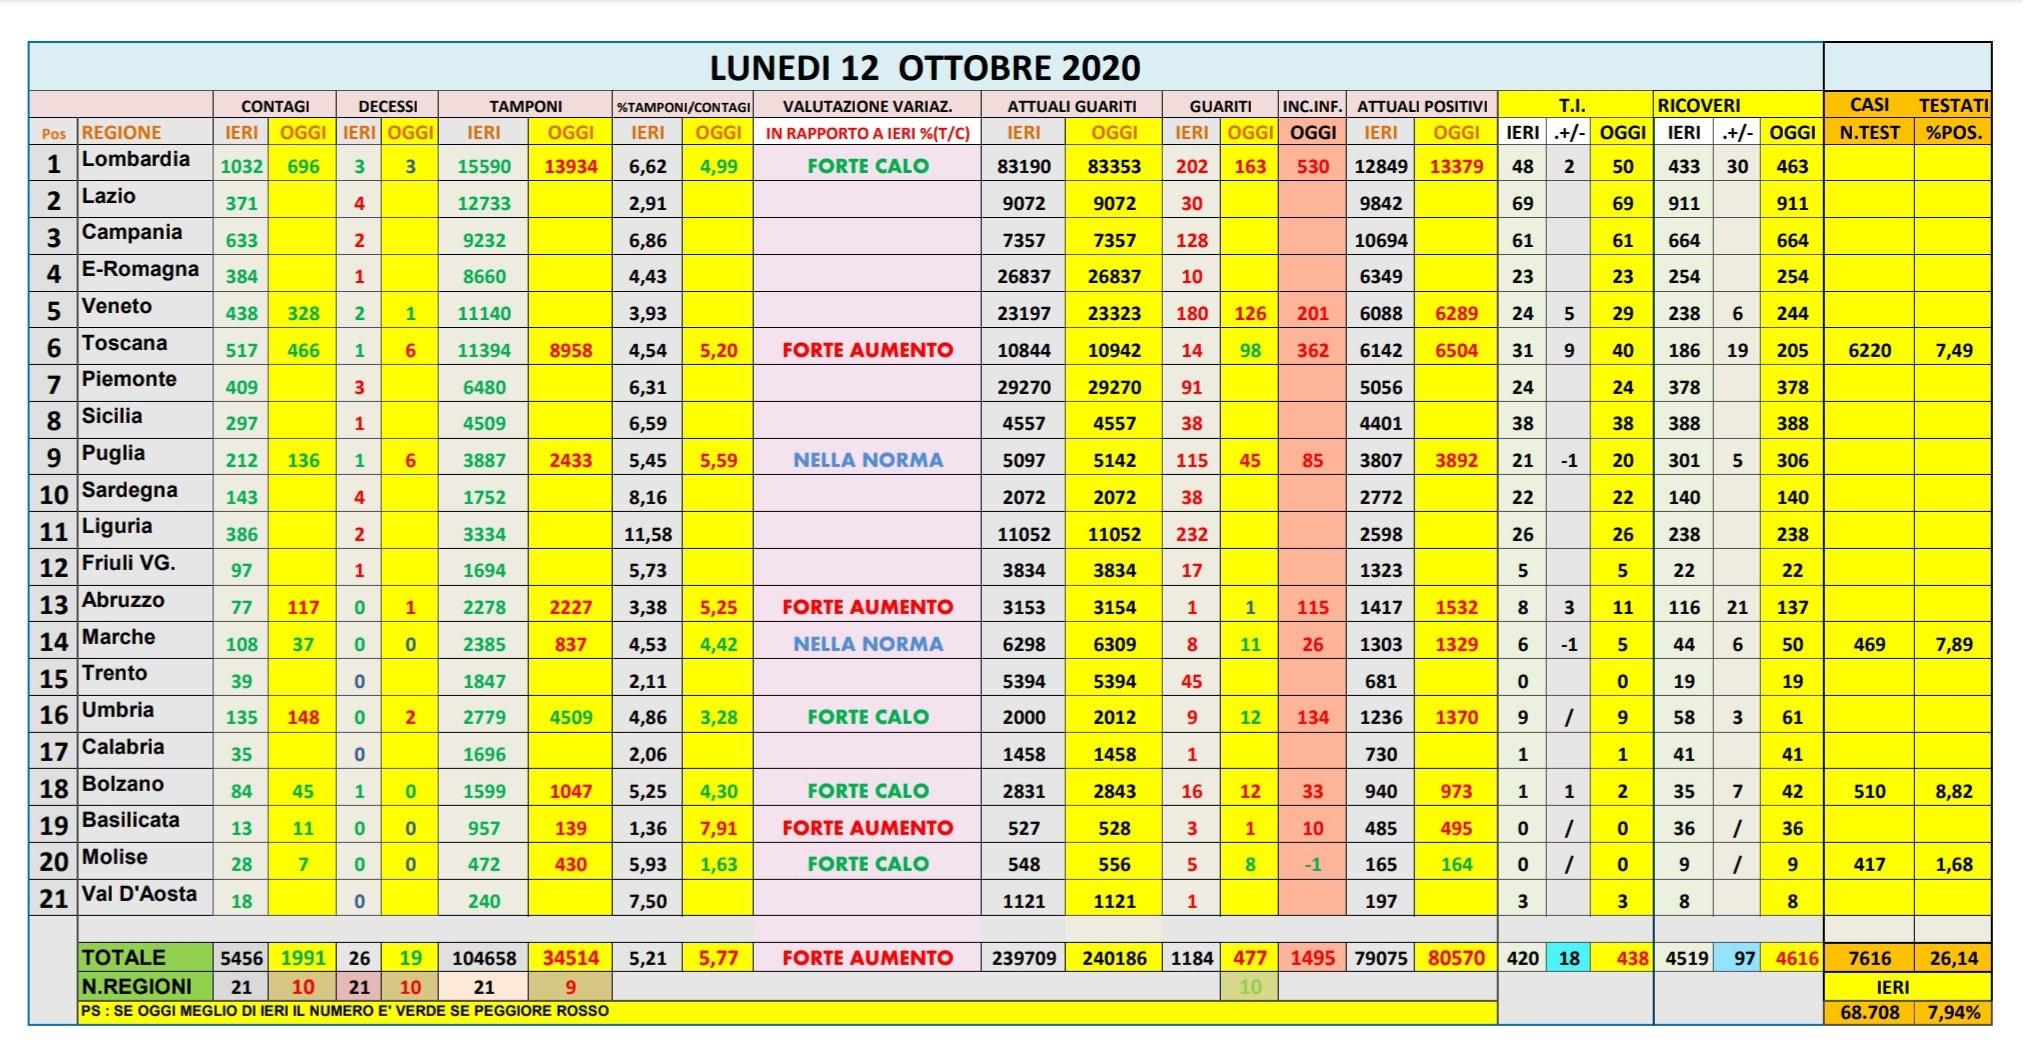 Bollettino Coronavirus Italia oggi 12 ottobre: i dati della Protezione  Civile